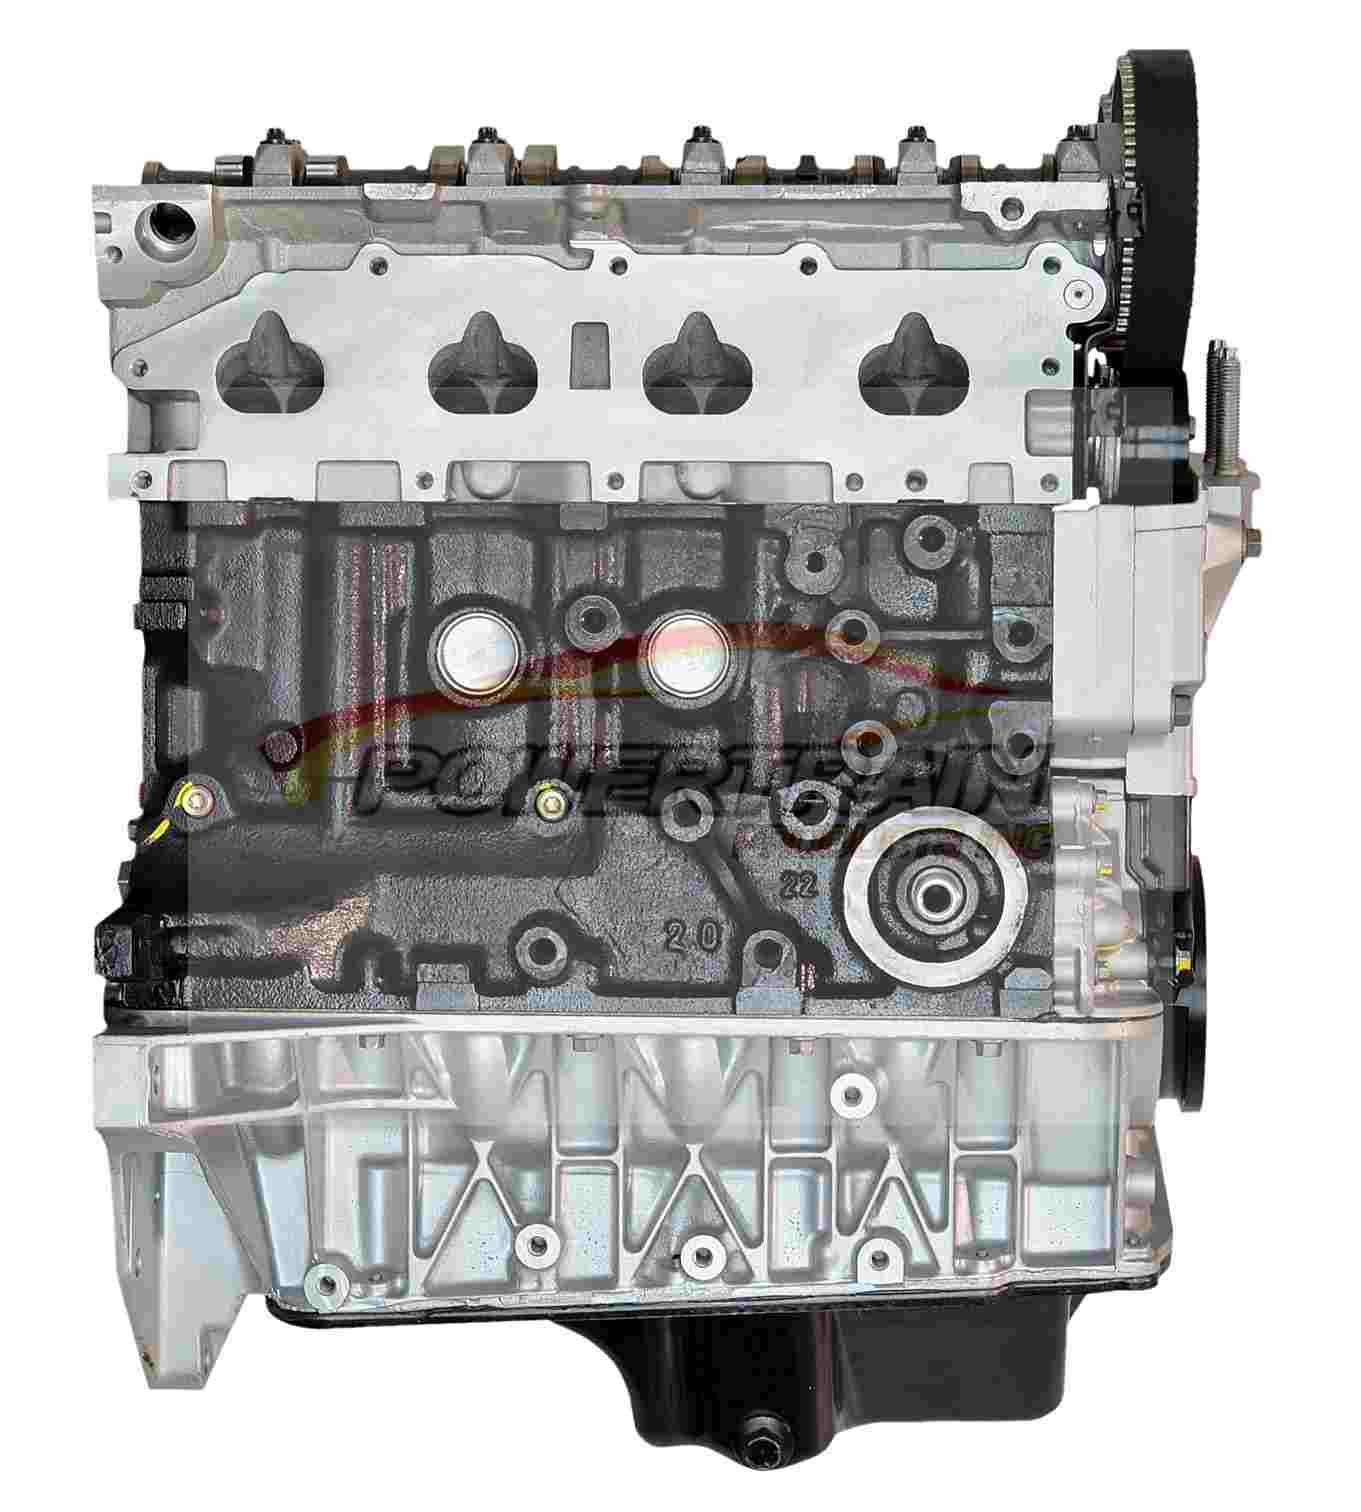 Ford 2 0 engine L4 01-04 Zetec engine